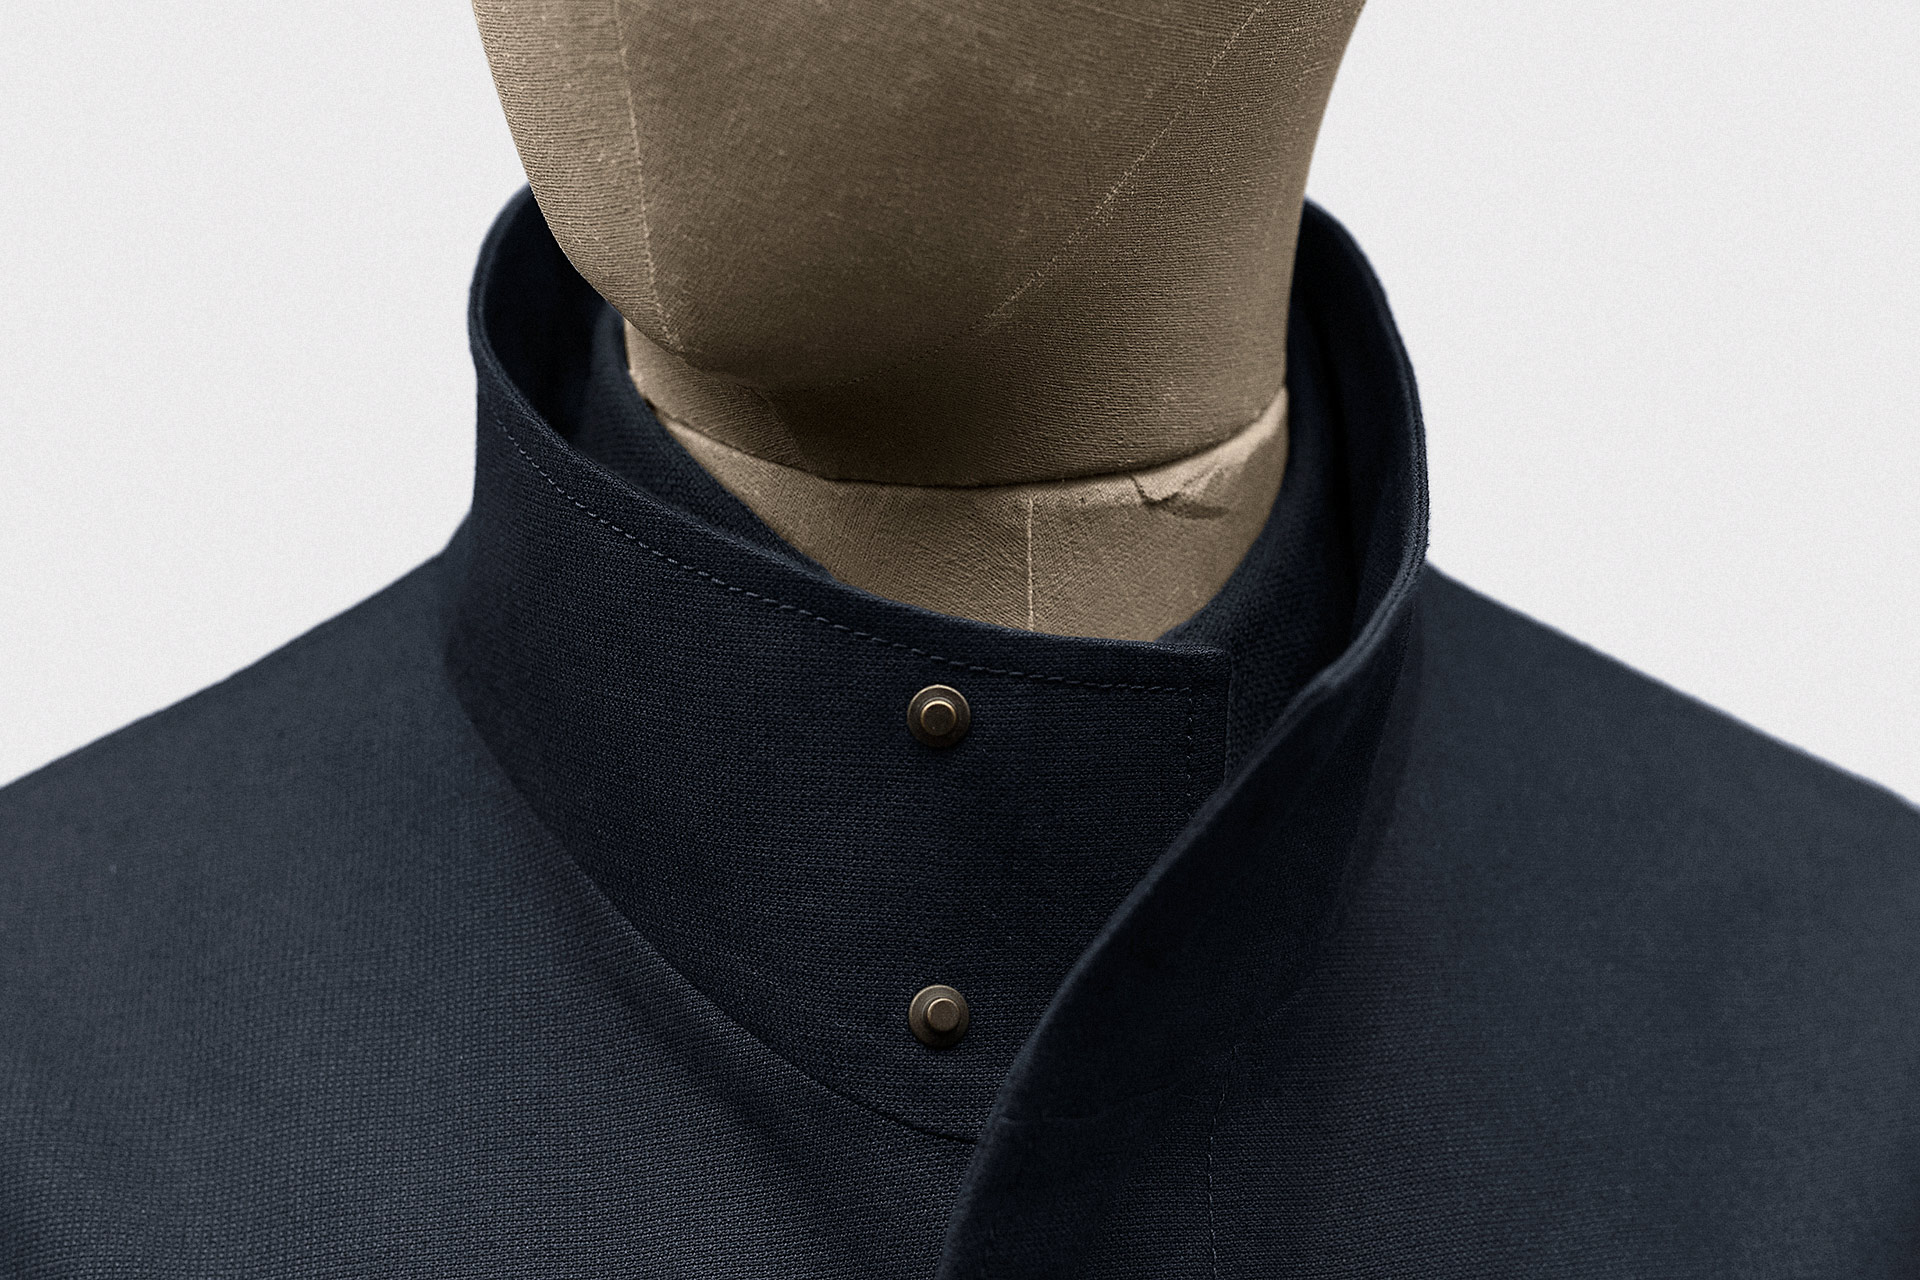 field-jacket-airweave-cotton-navy-2@2x.jpg